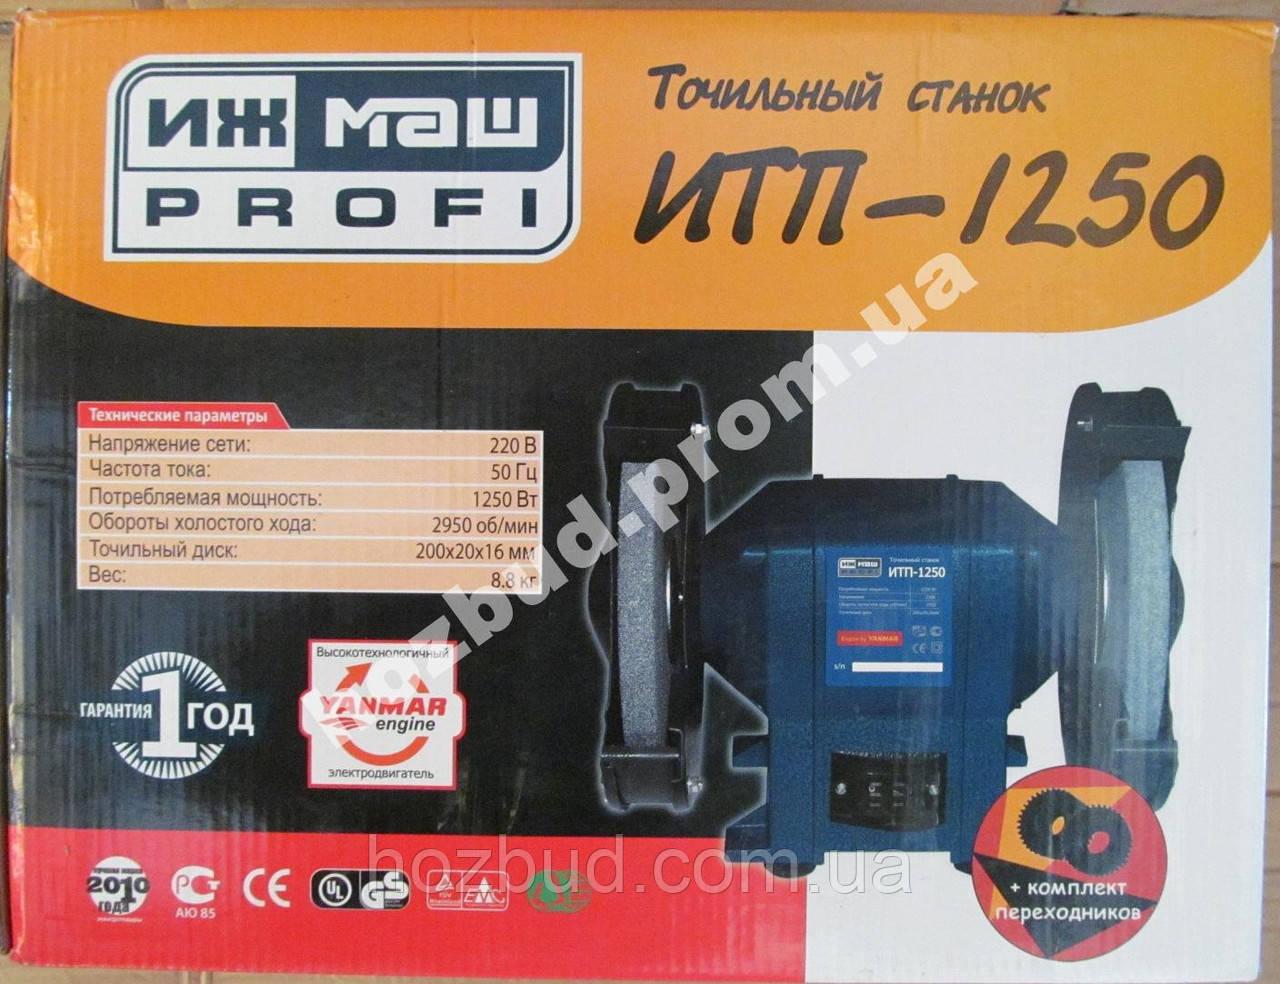 Точило электрическое ИЖМАШ ИТП-1250